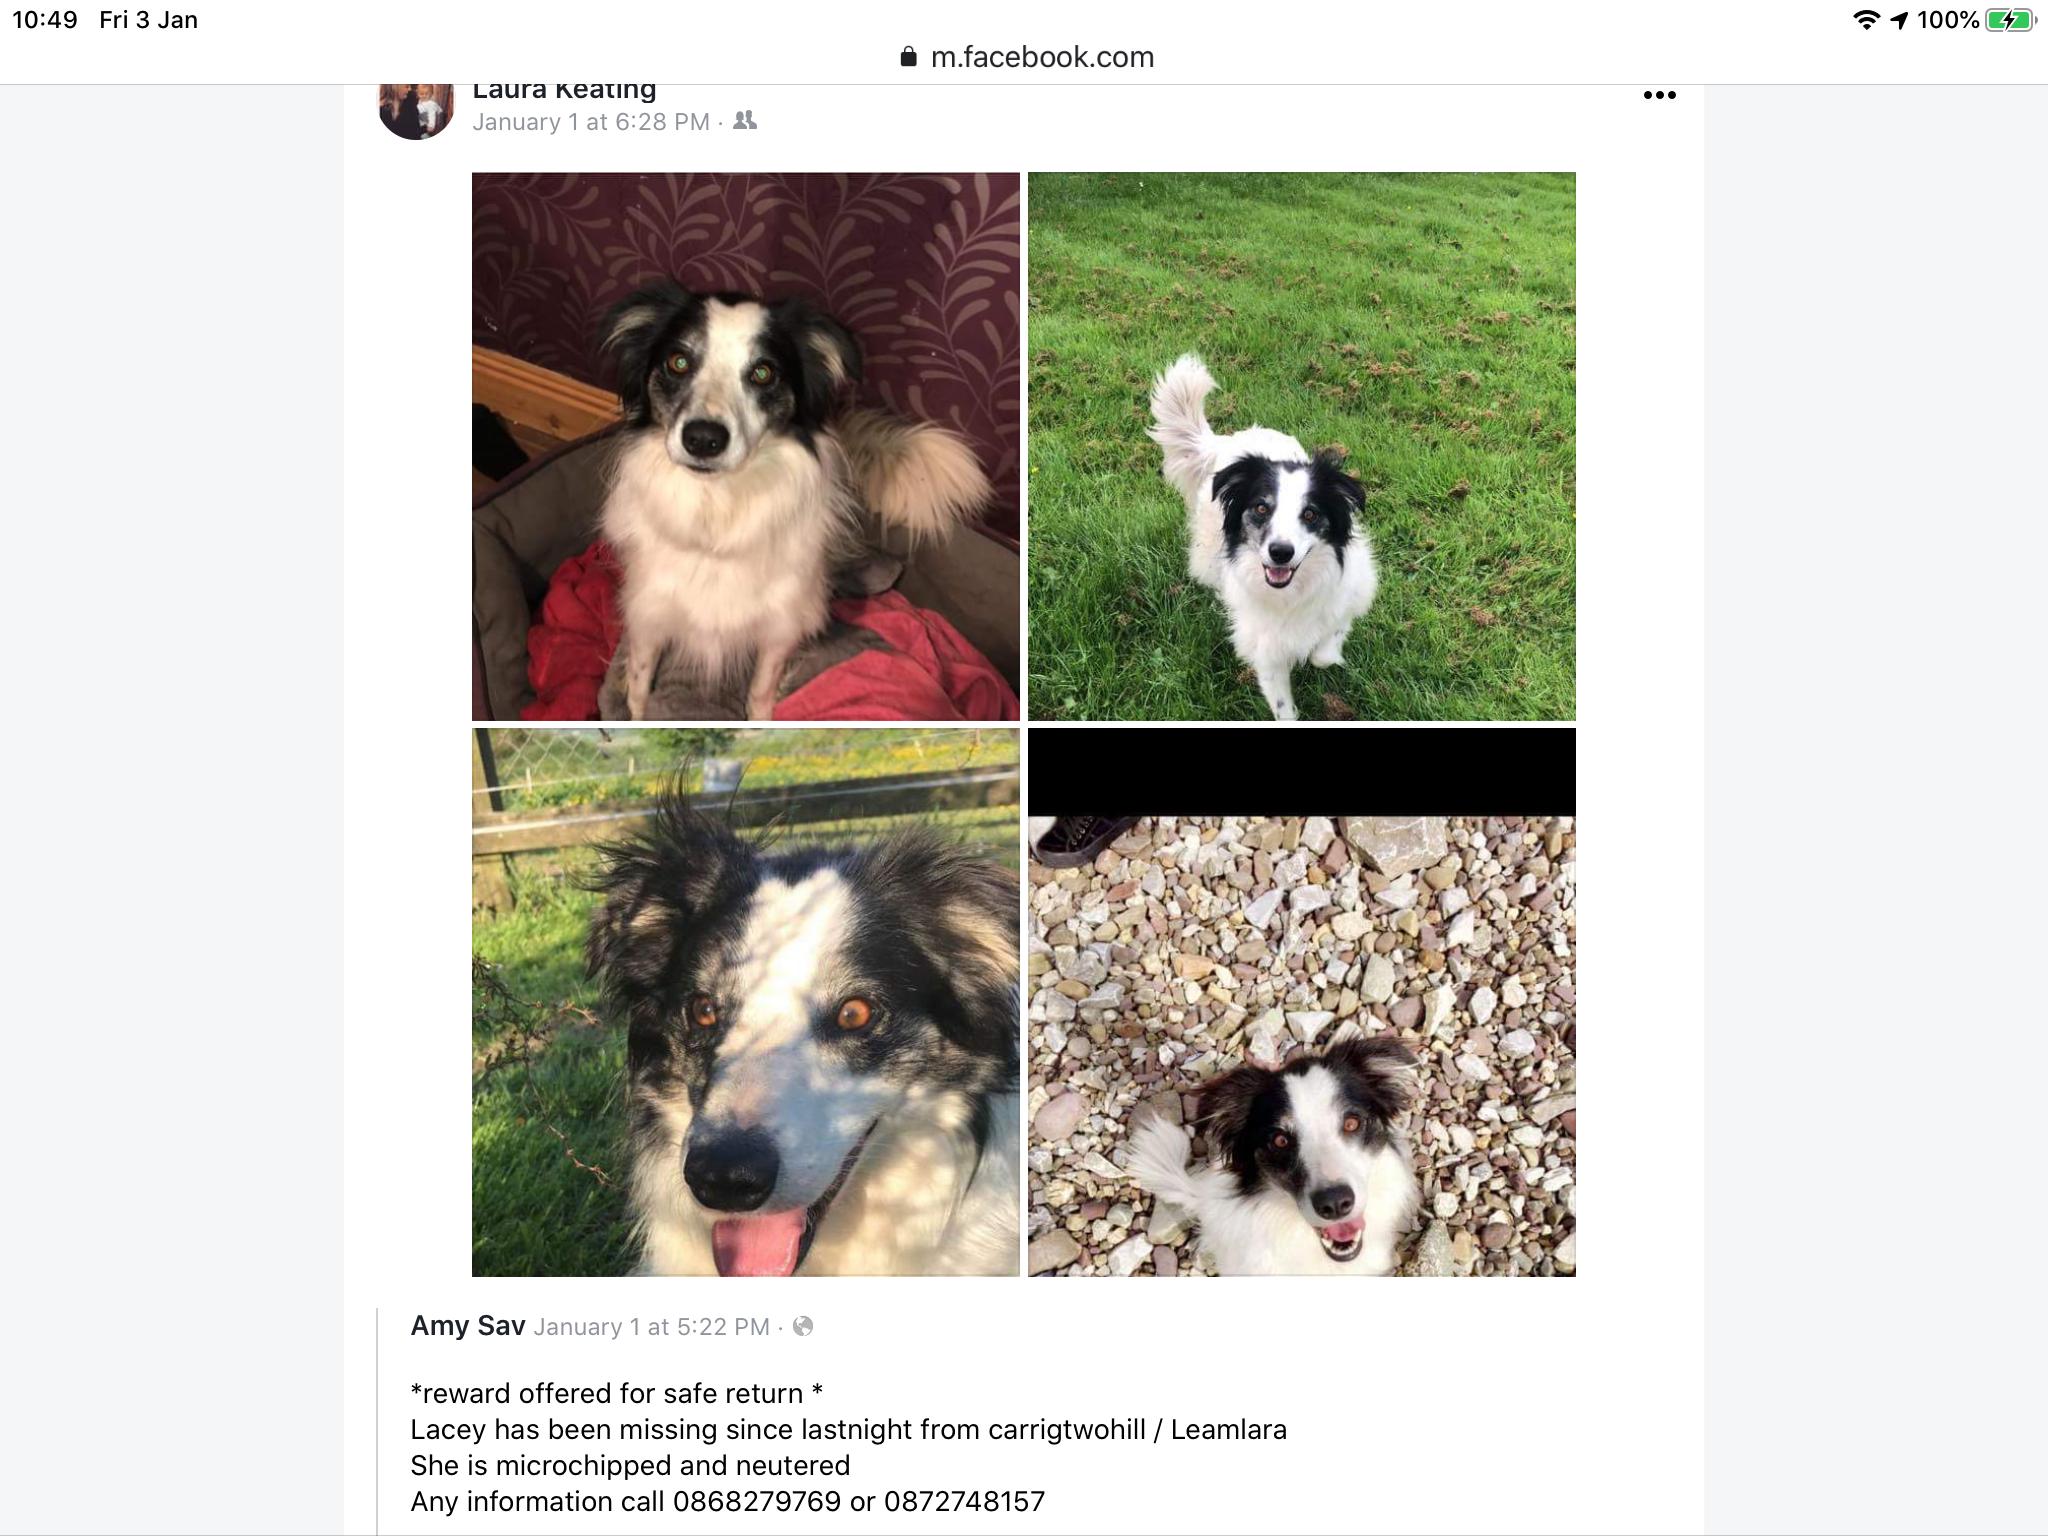 Lost dog image 1